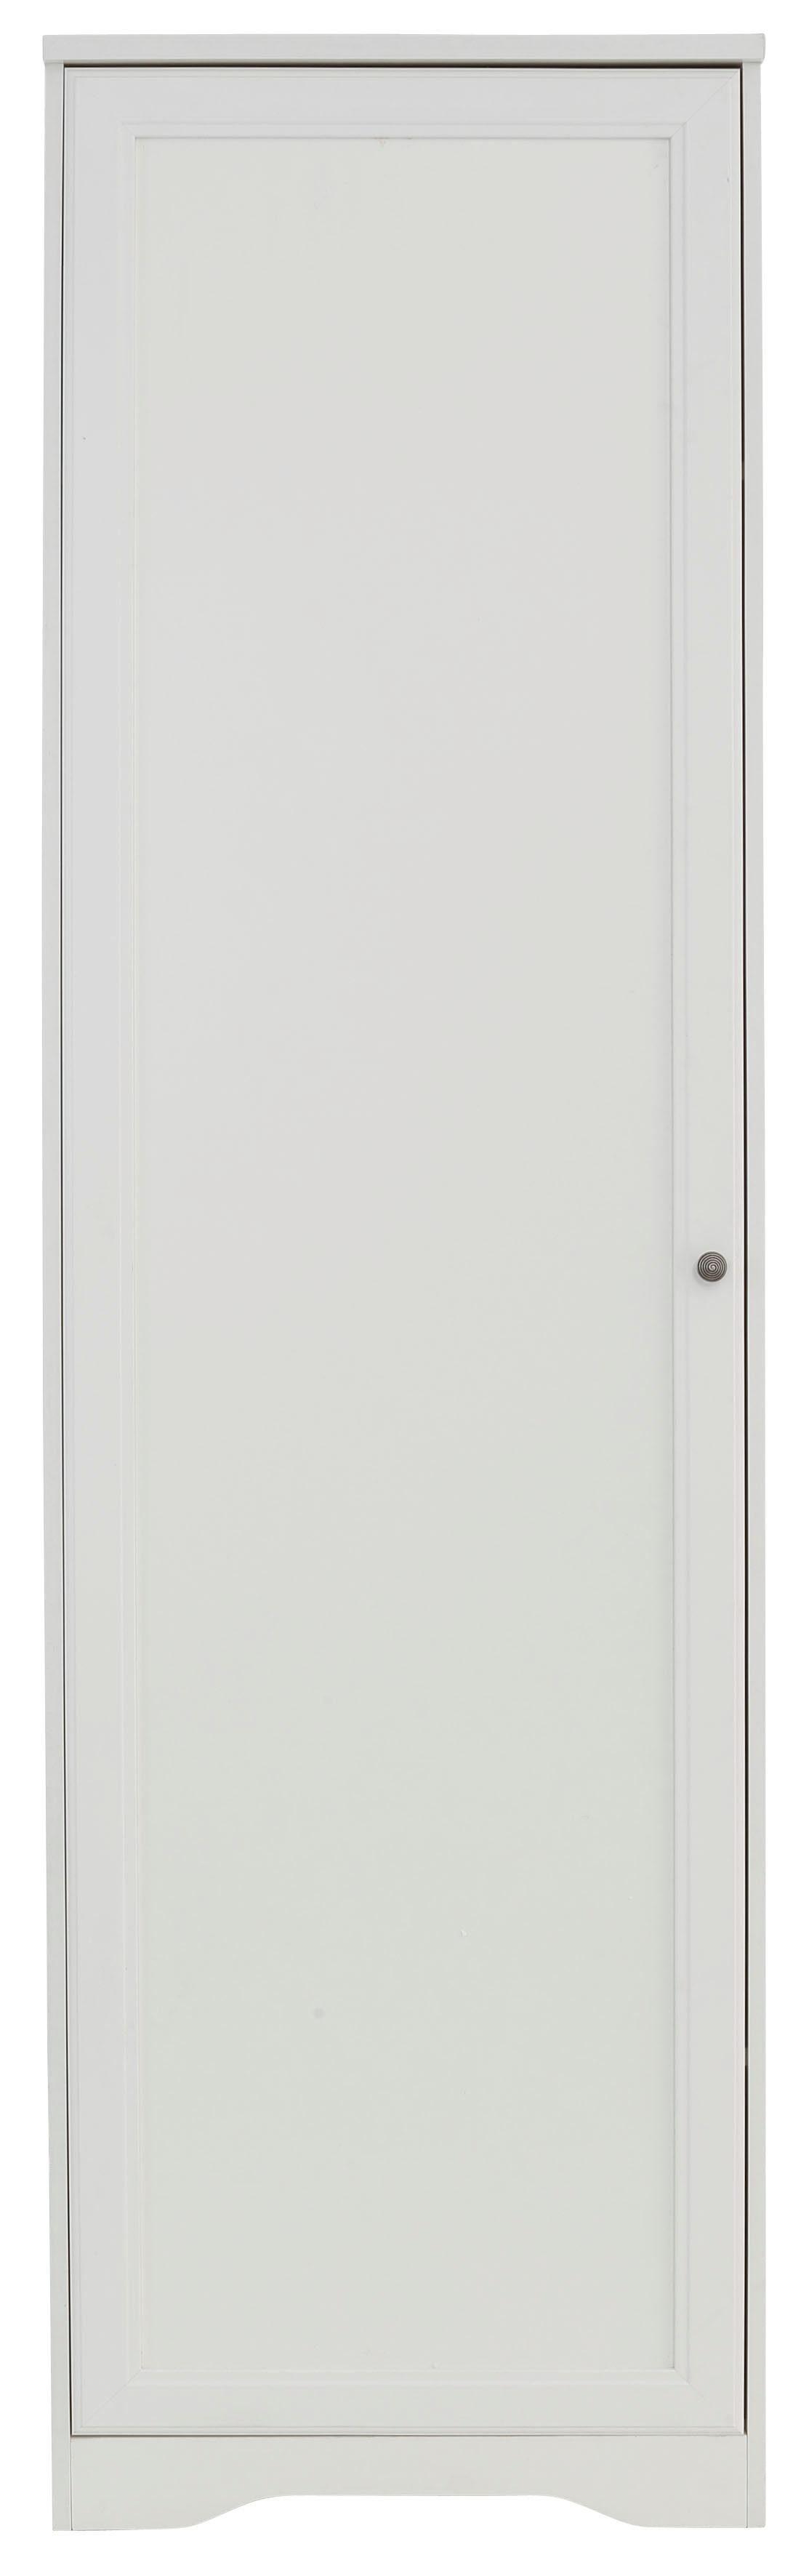 Home affaire Dielenschrank »Lucy« 1-türig, 62 cm breit